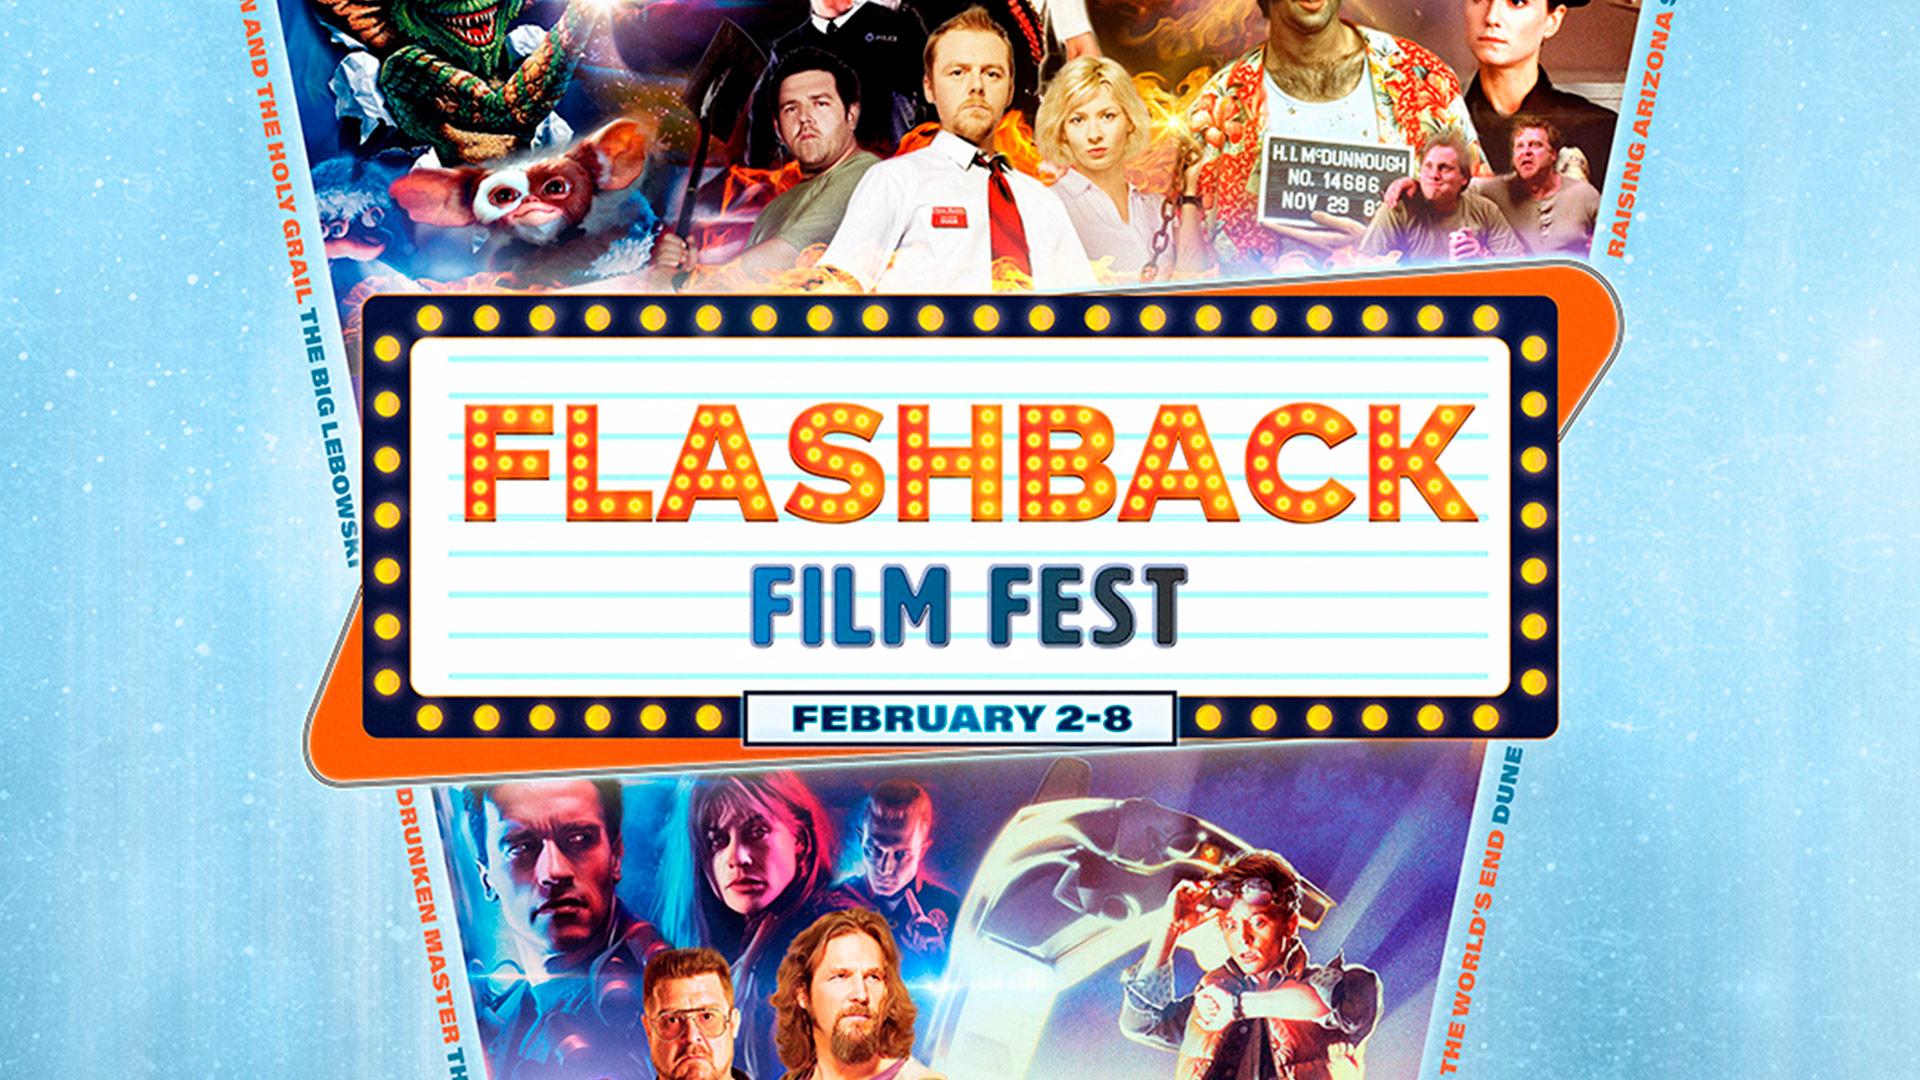 [Canada] Concours pour le Festival Retromania/Flashback Film Fest